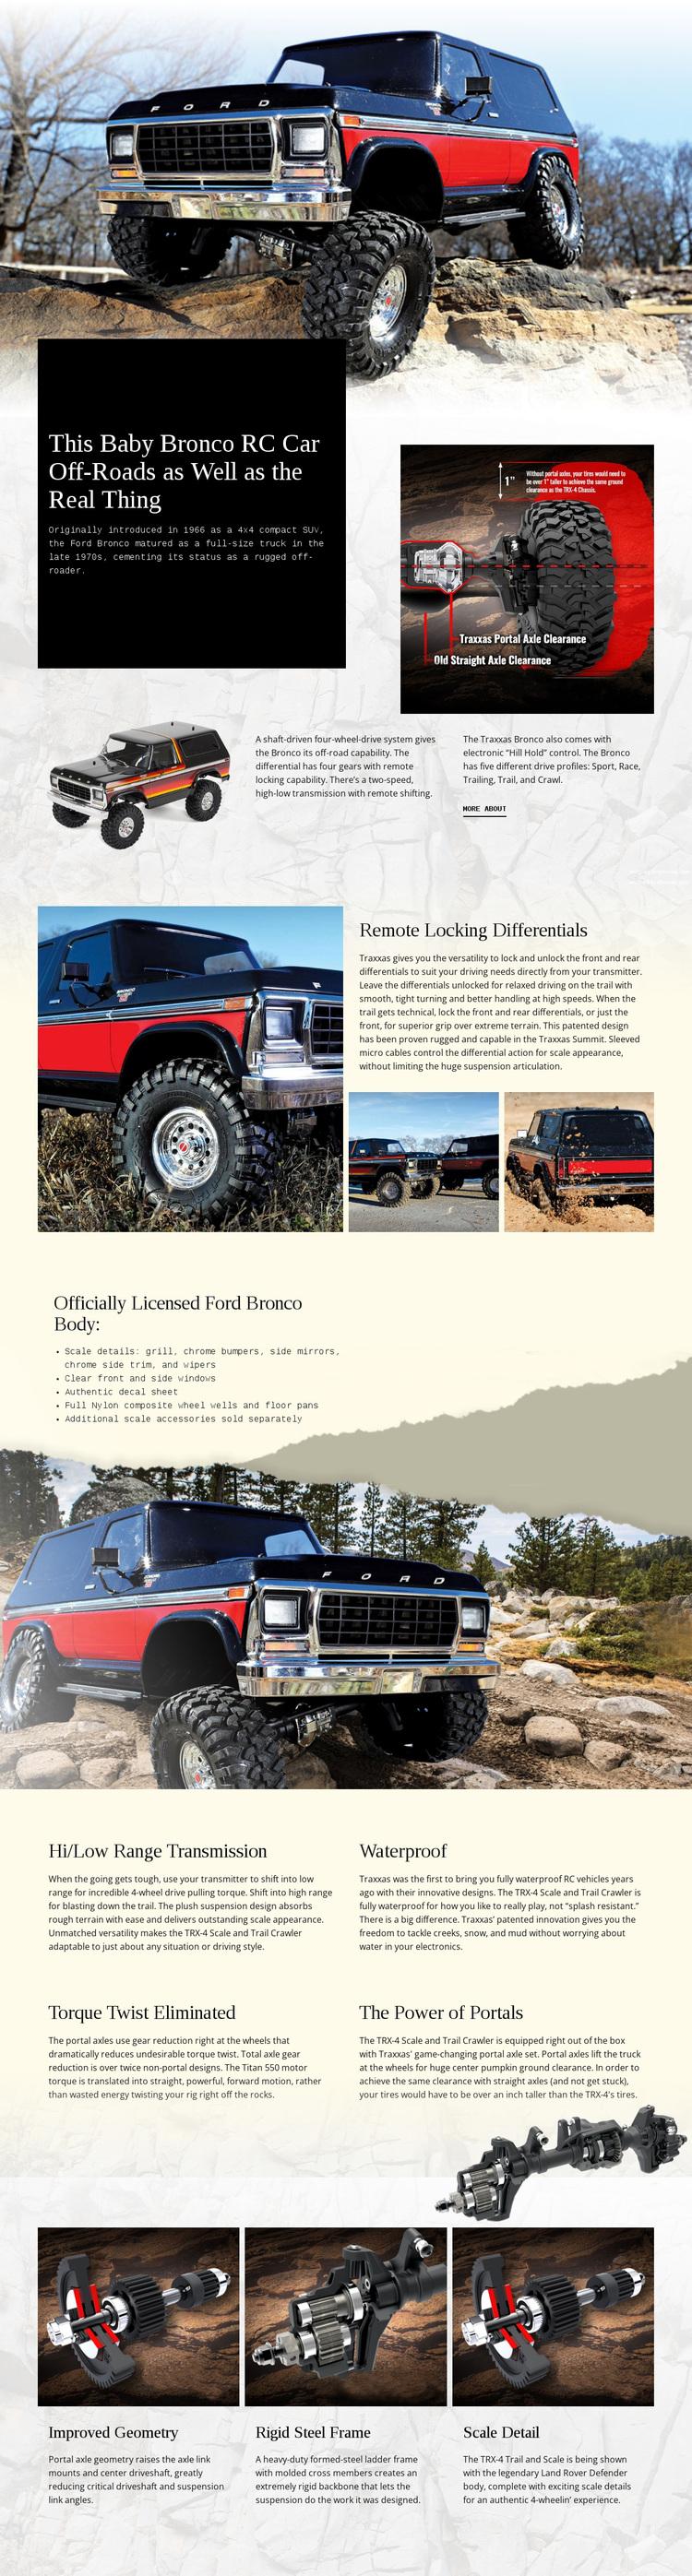 Bronco Rc Car Joomla Page Builder